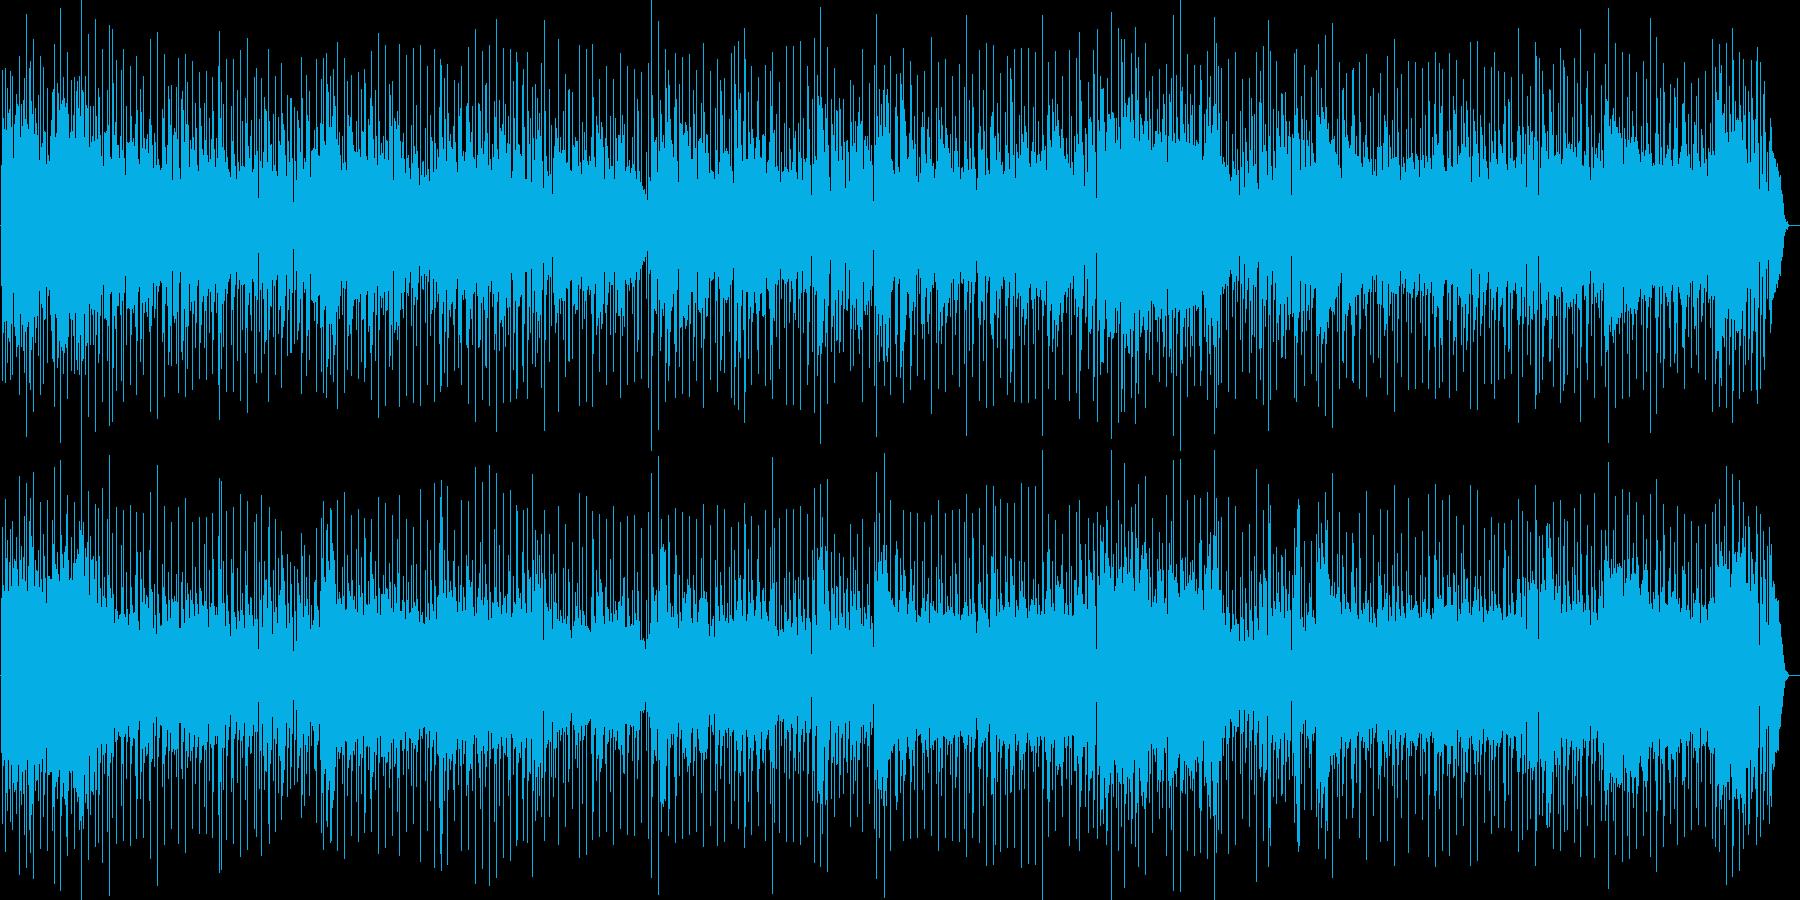 雨の夜 70年代AORニューミュージックの再生済みの波形